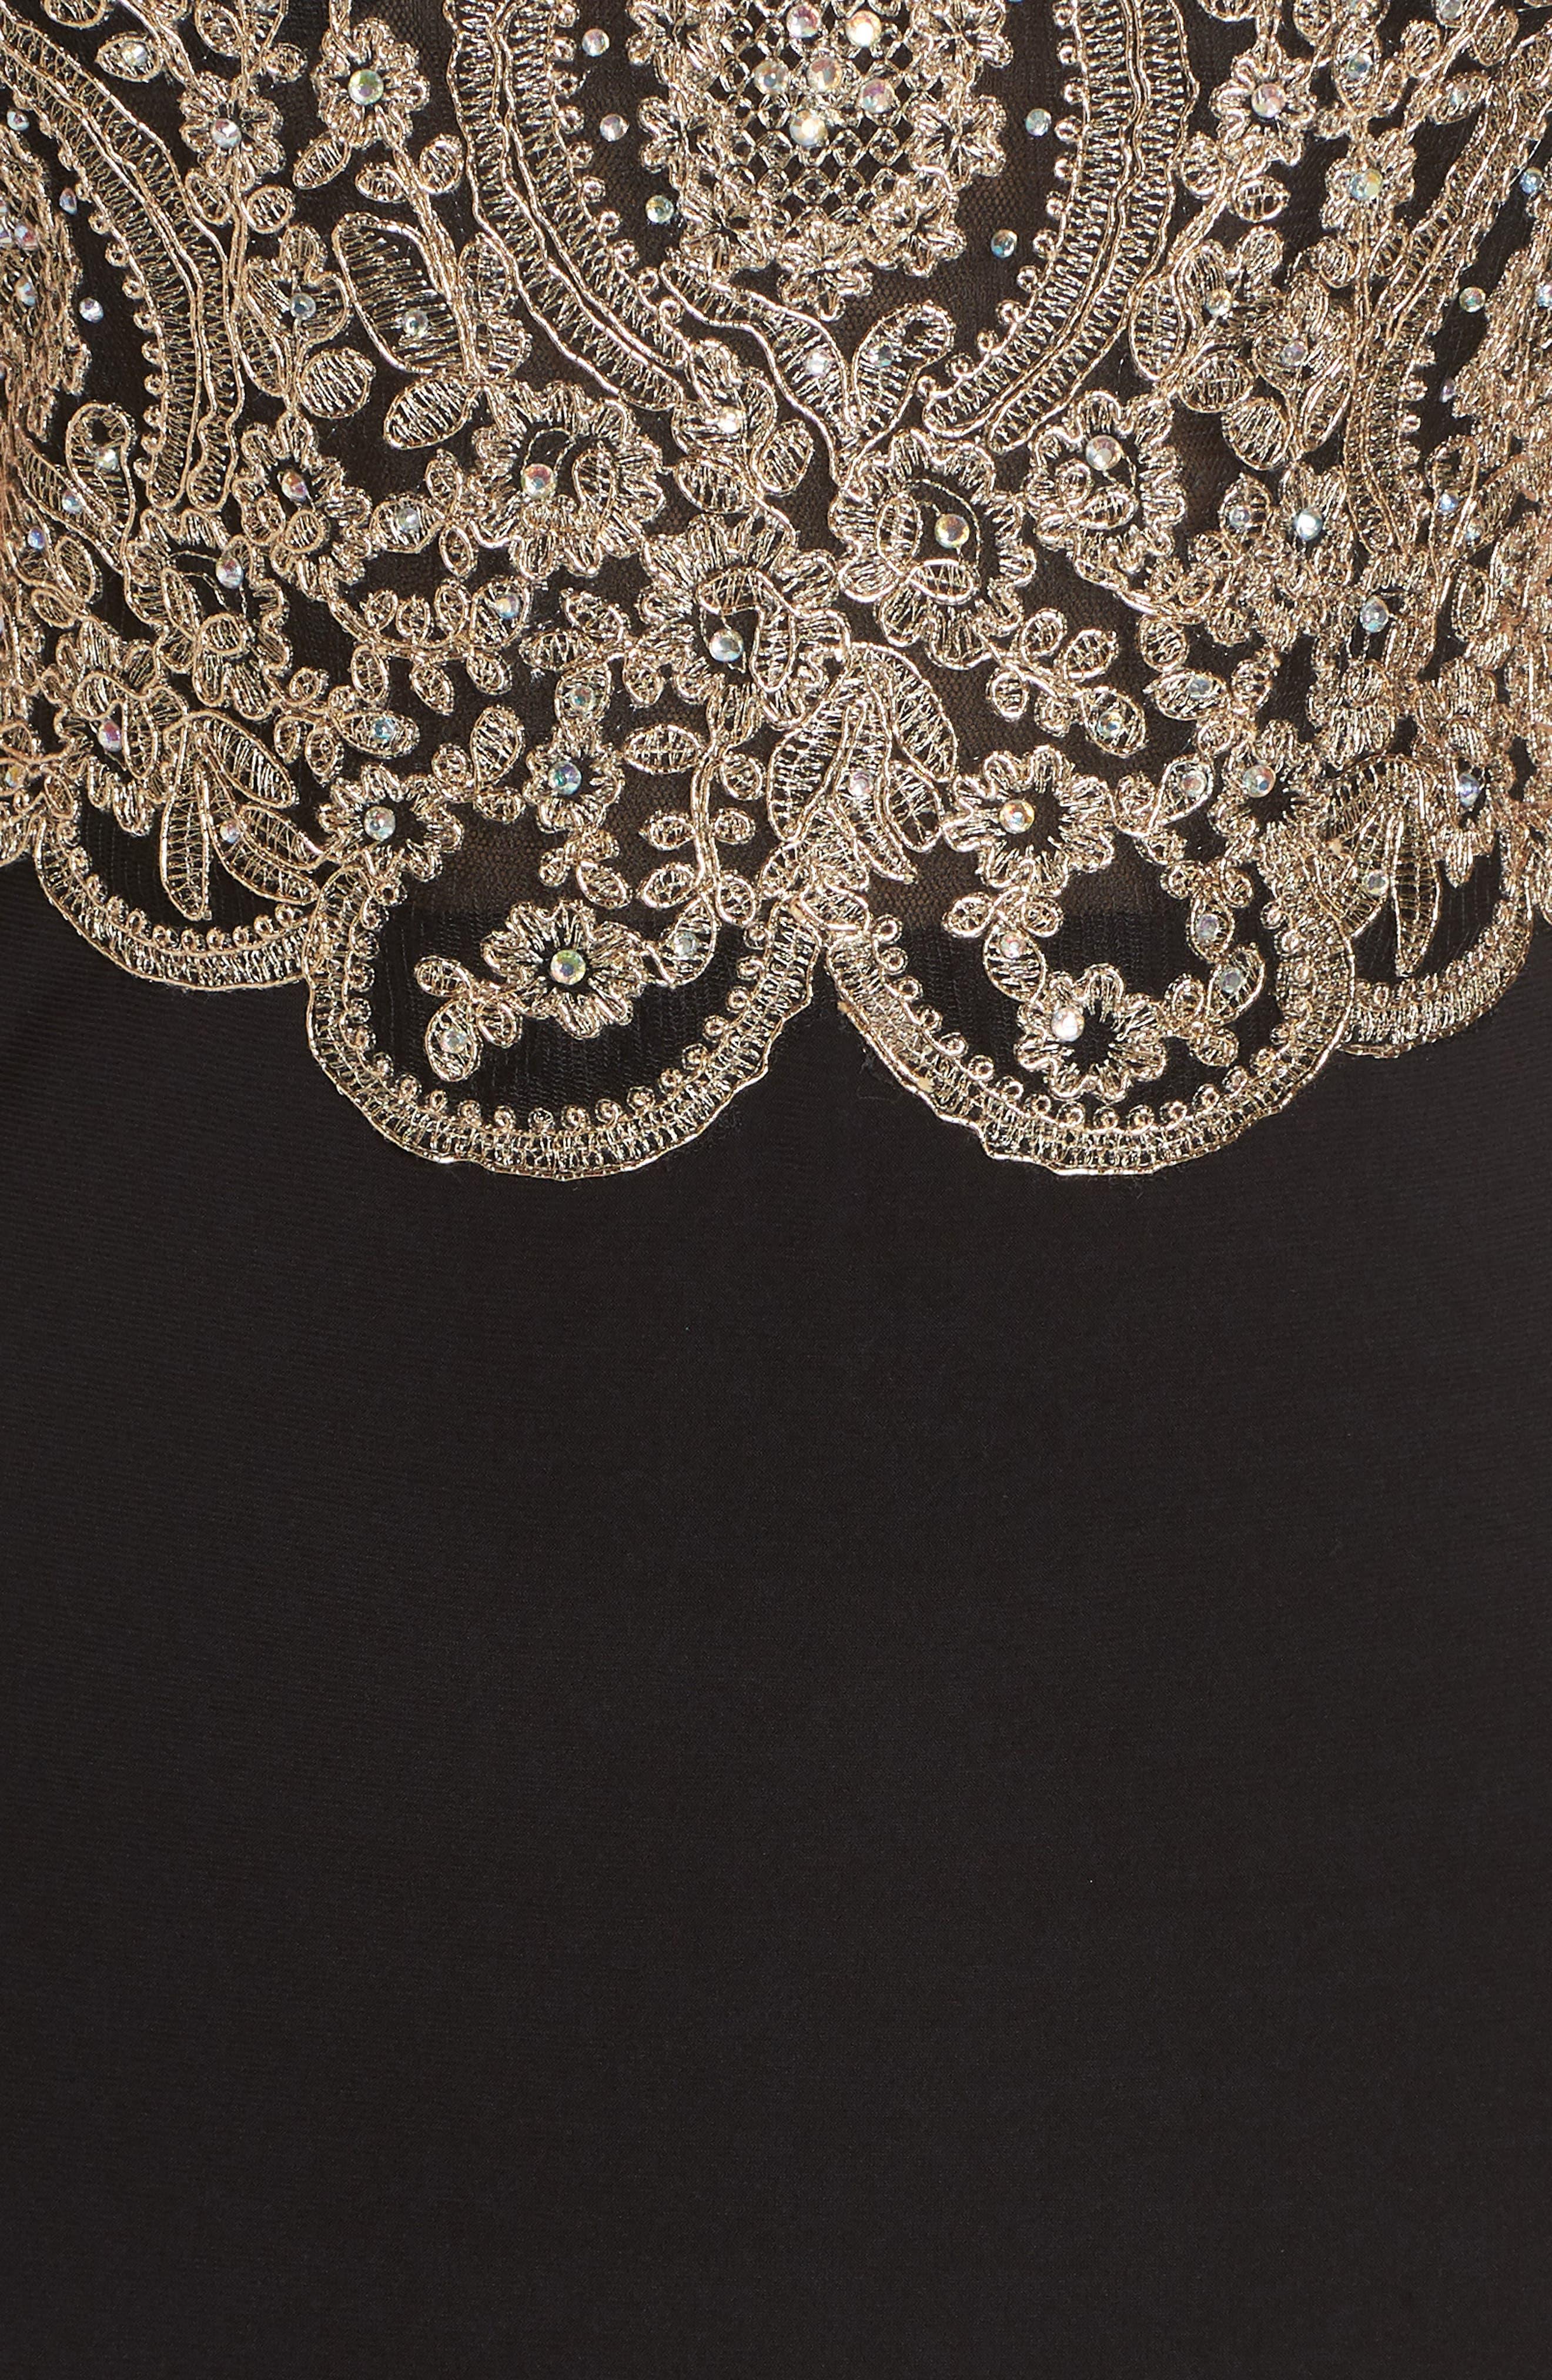 BLONDIE NITES,                             Embellished Appliqué Halter Gown,                             Alternate thumbnail 6, color,                             BLACK/ GOLD